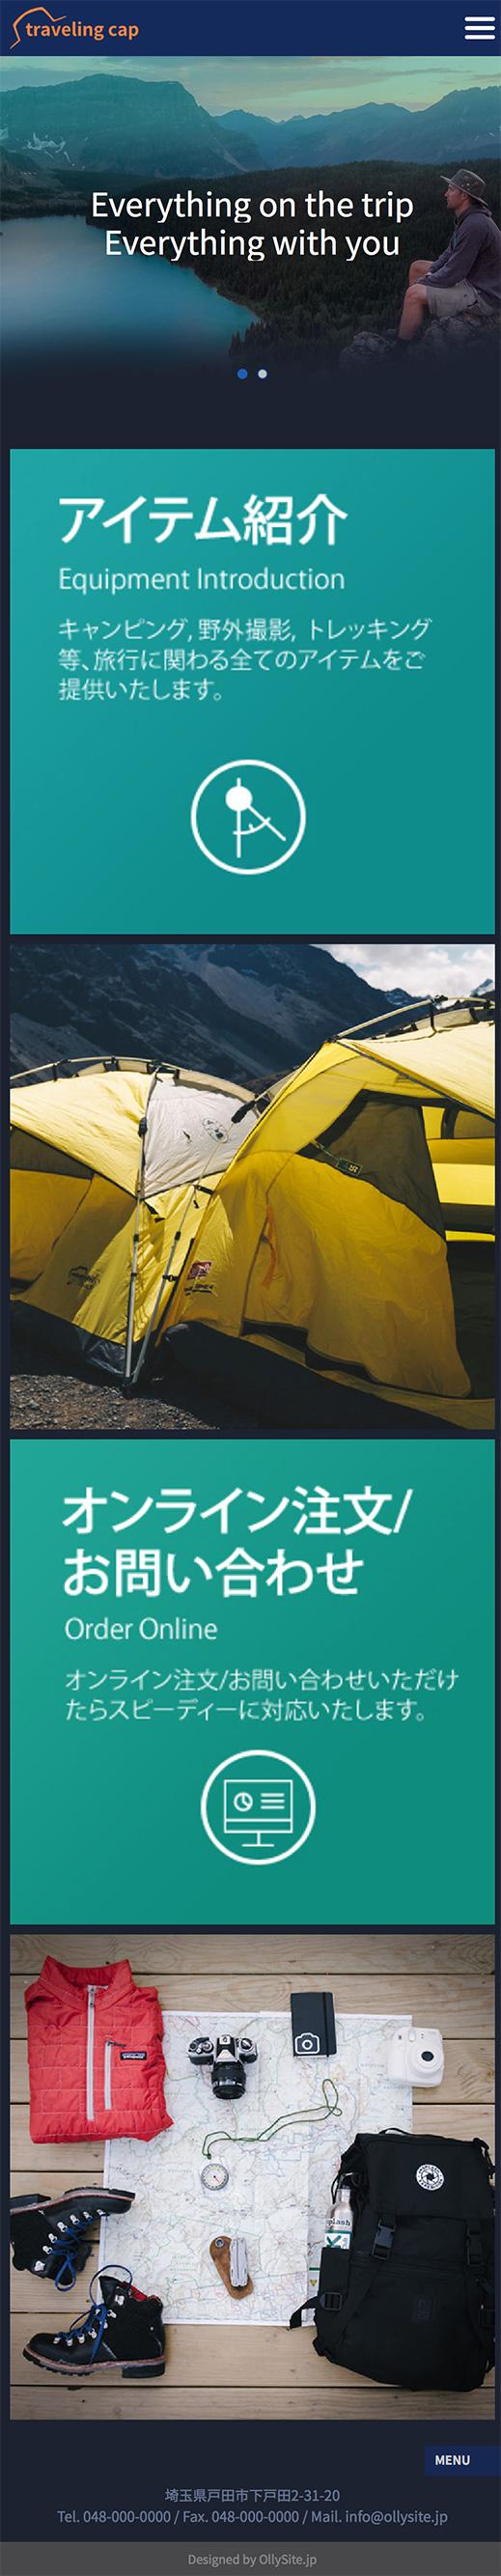 template-jp18_m.jpg